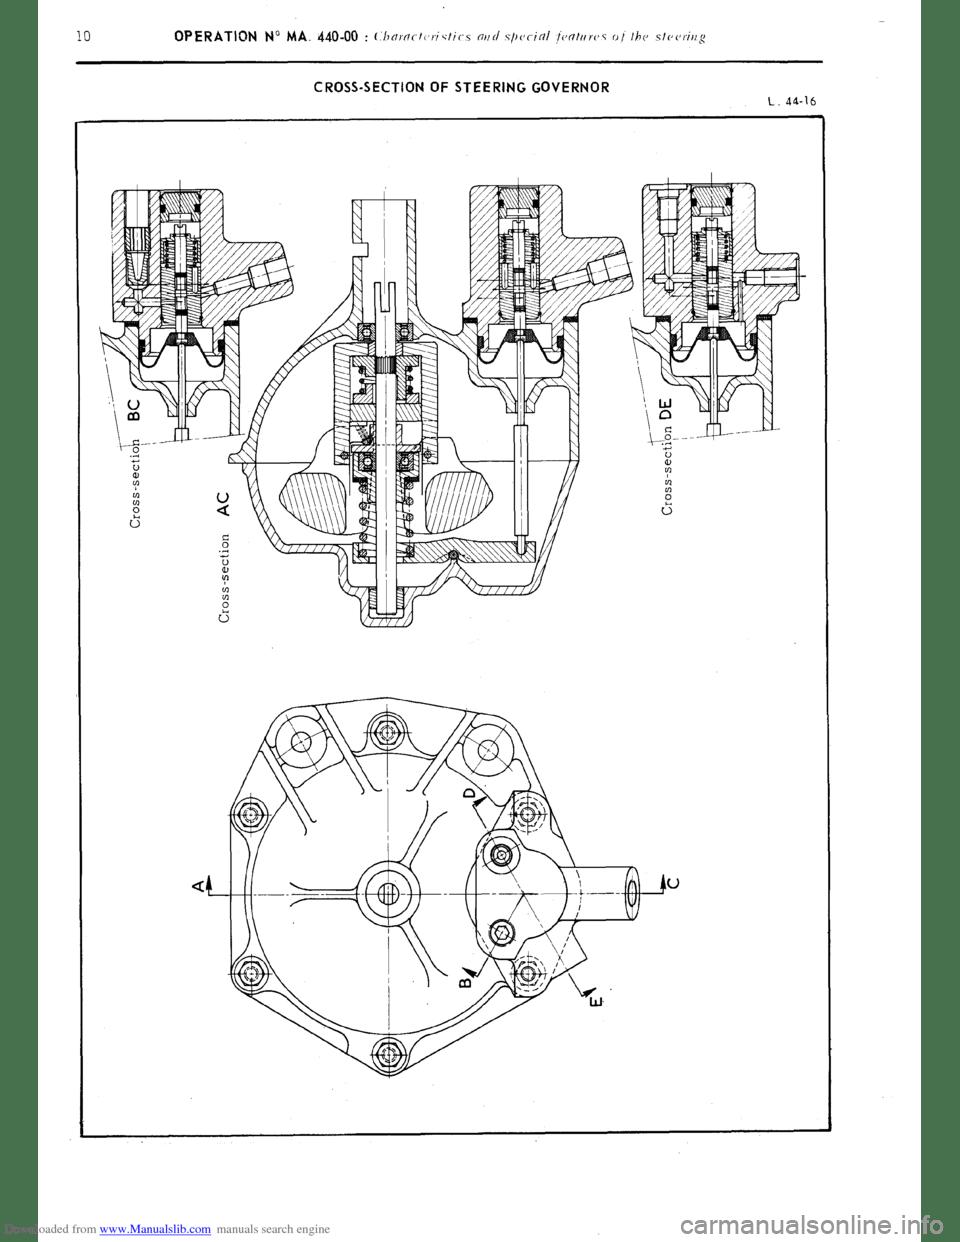 Citroen CX 1977 1.G Workshop Manual (394 Pages), Page 280